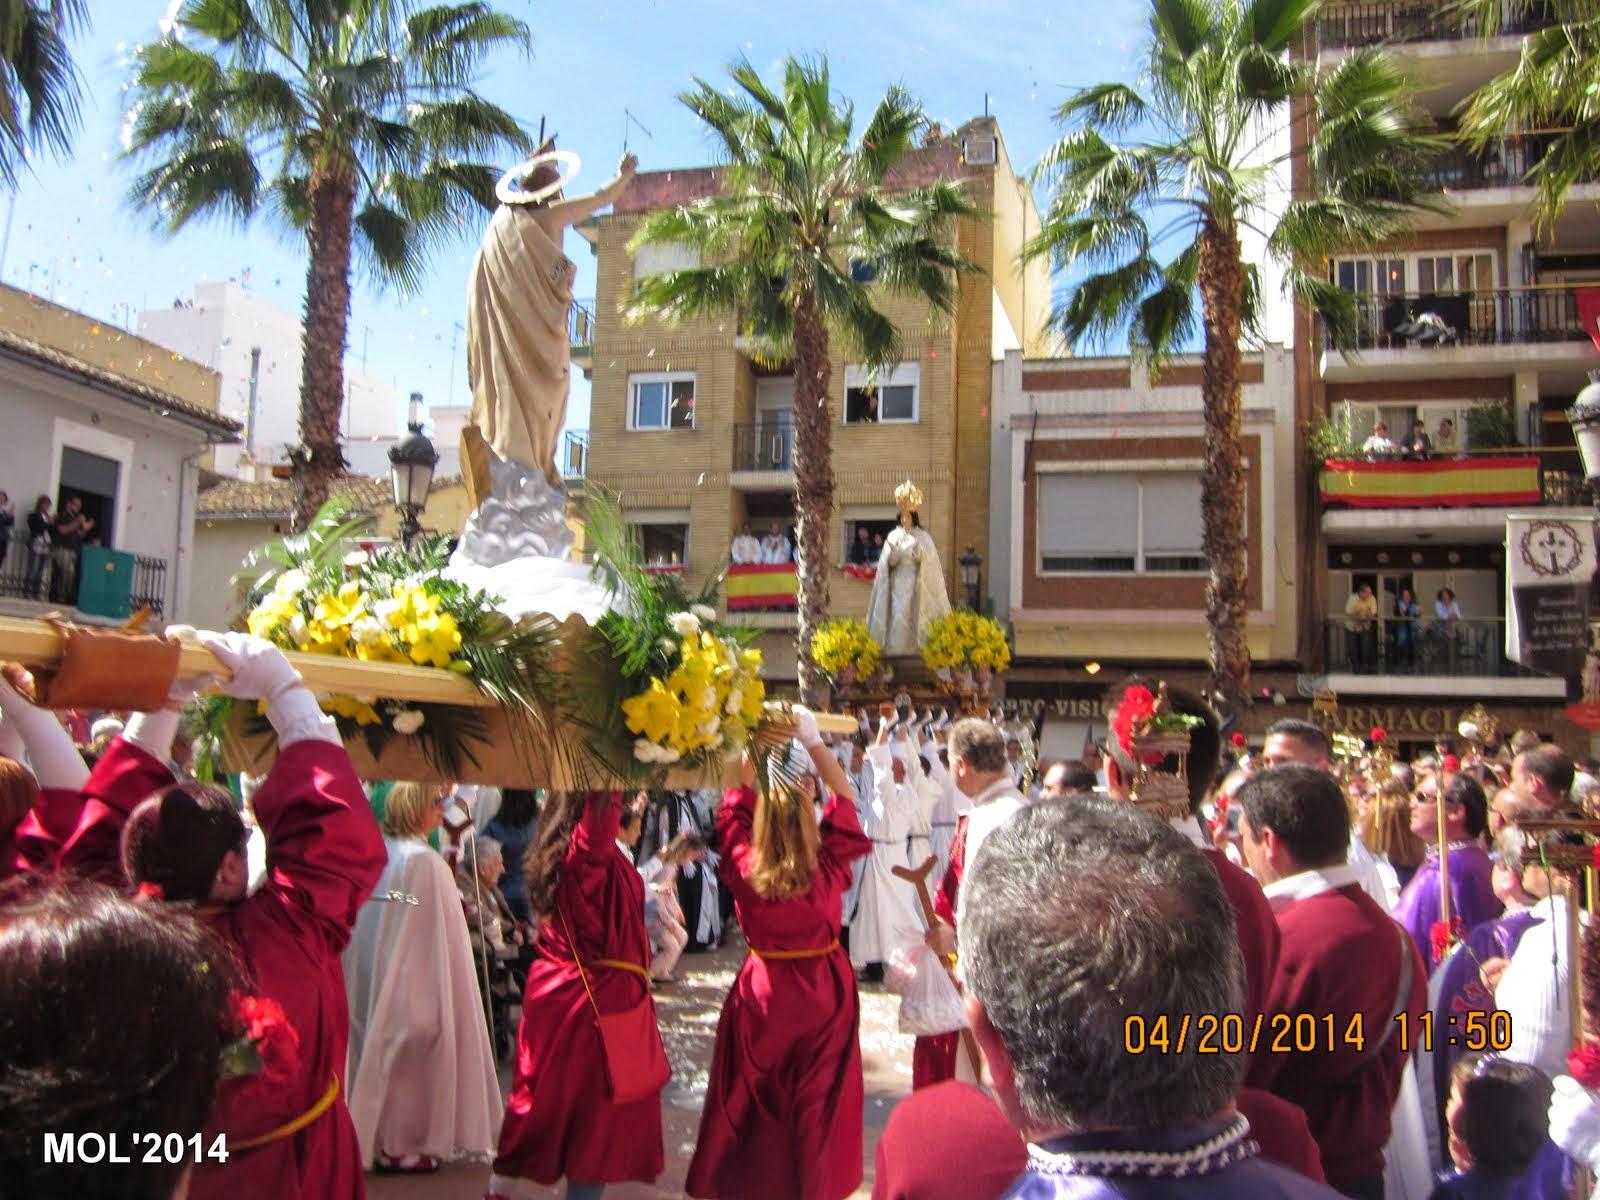 ENCUENTRO GLORIOSO, DOMINGO DE RESURRECCIÓN: 20.04.14